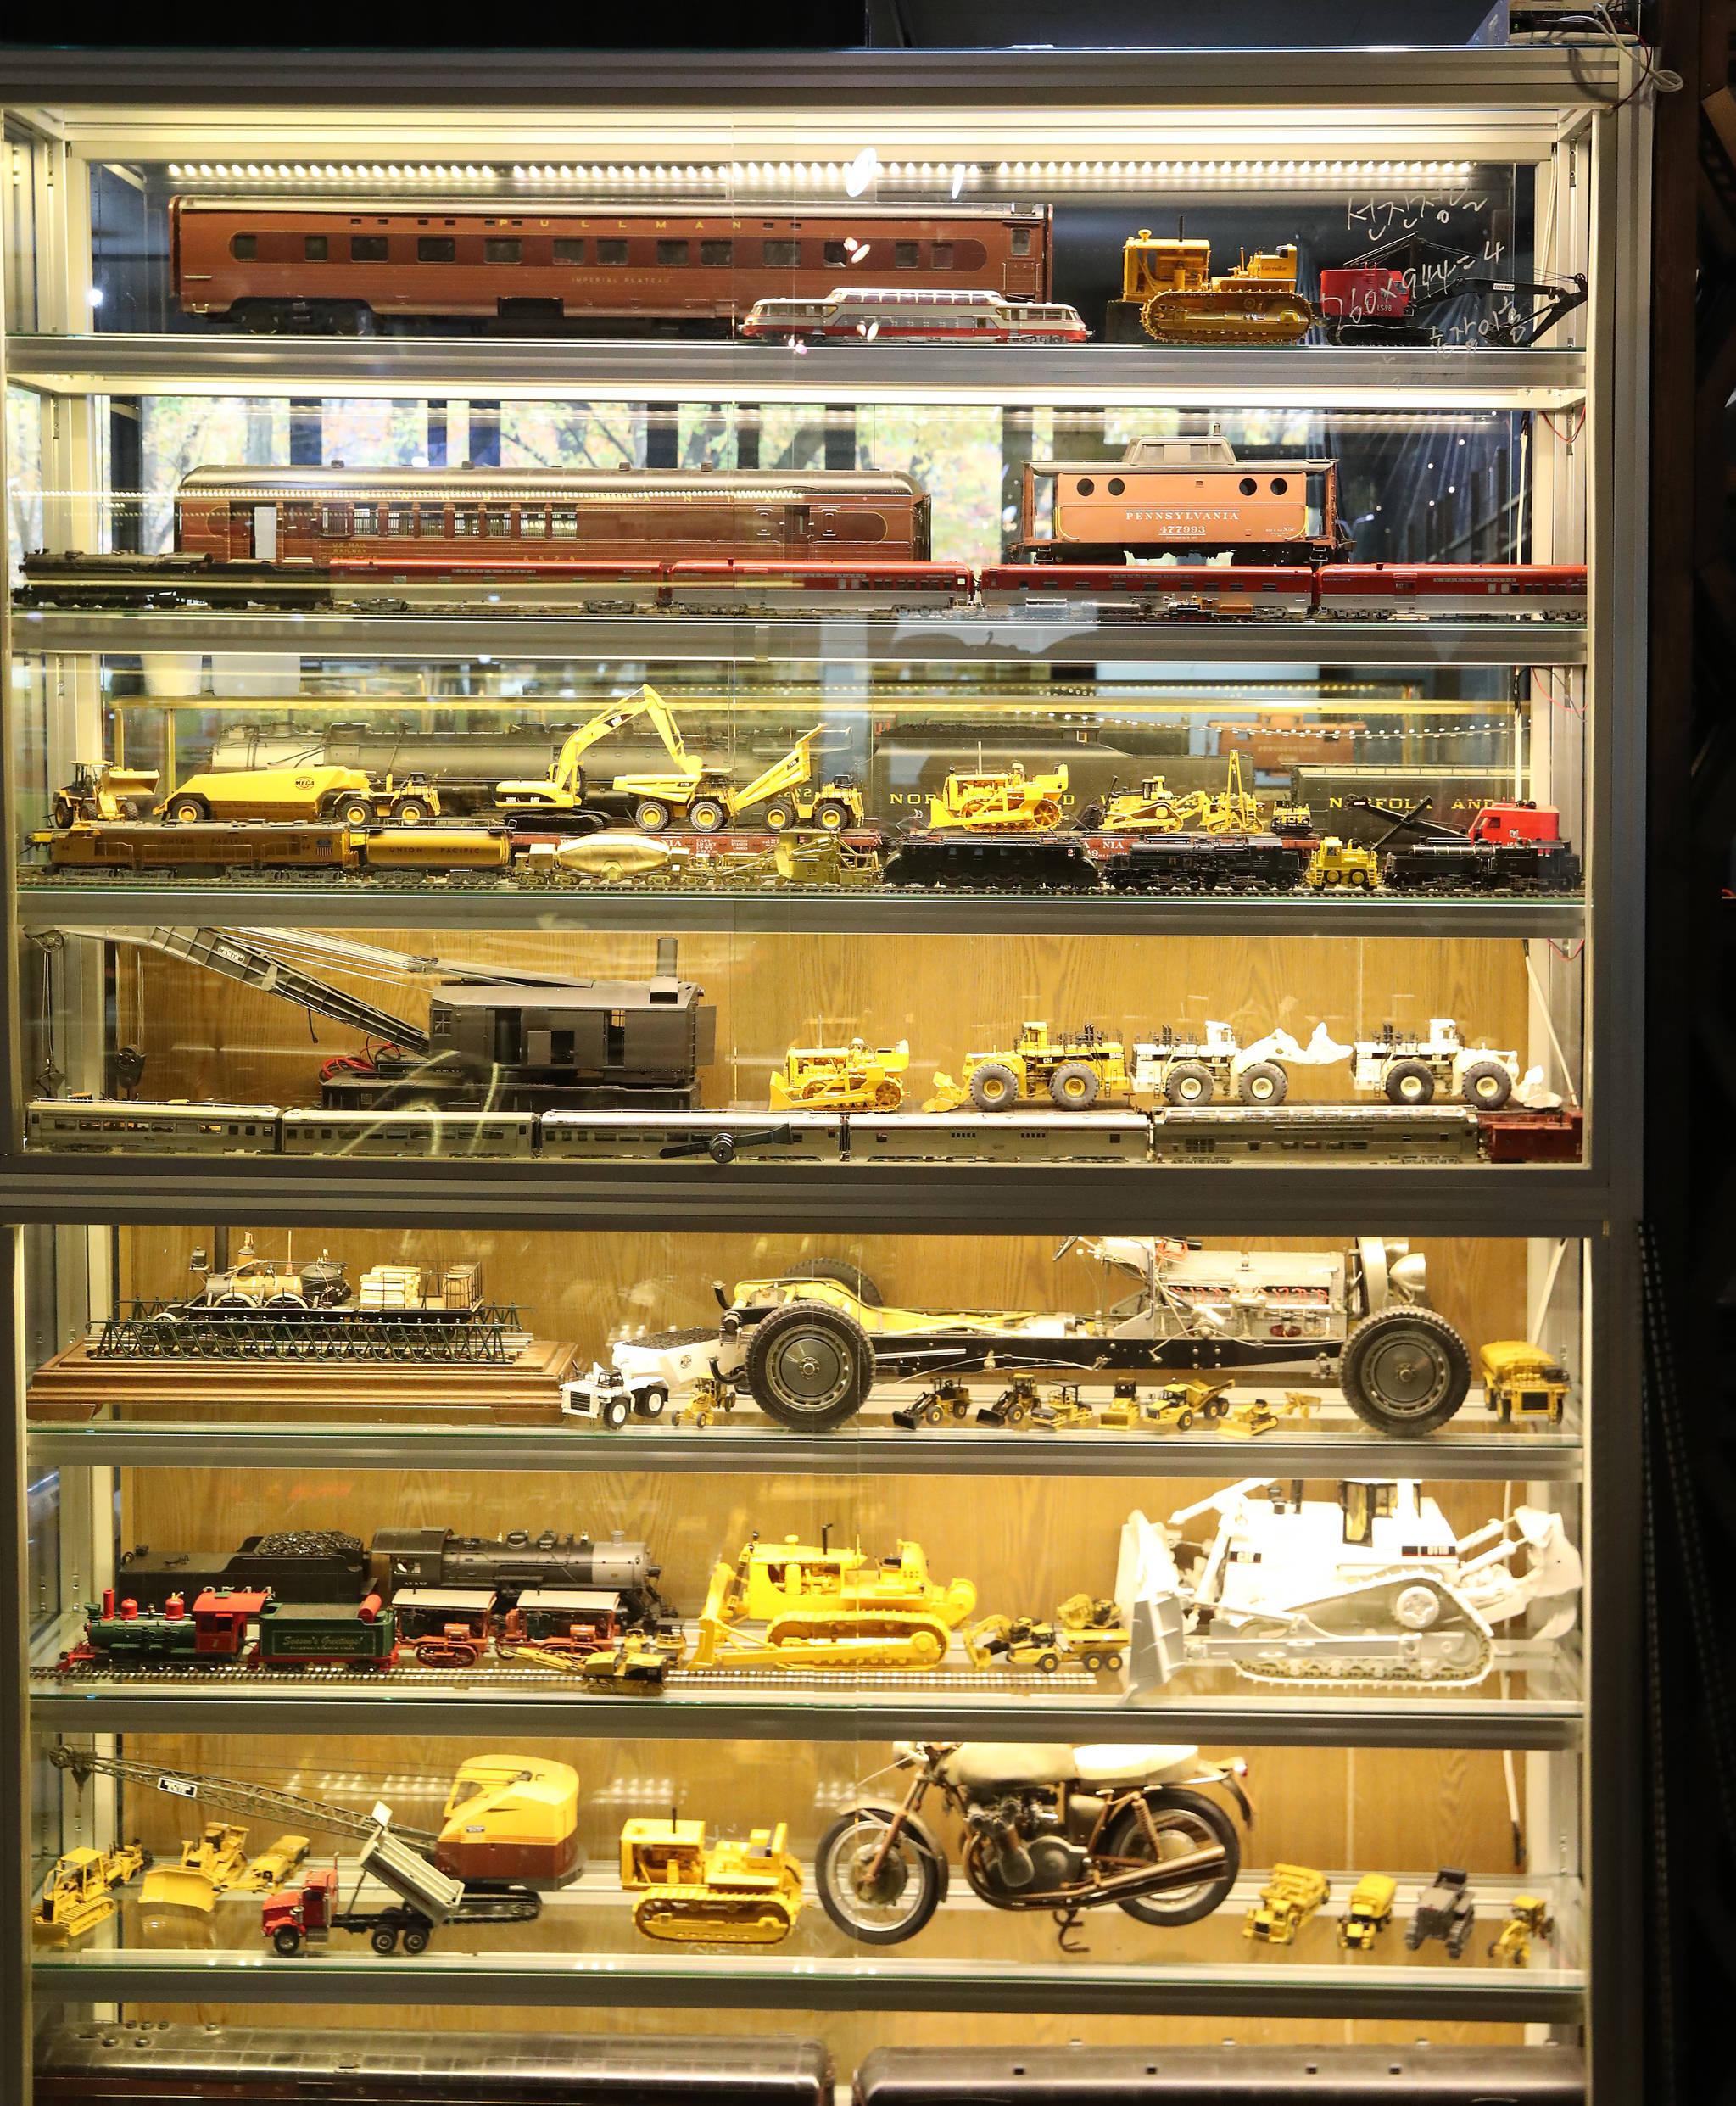 기차 외에도 바이크, 크레인, 불도저 등 박물관에는 다양한 모형이 전시되어 있다. 우상조 기자